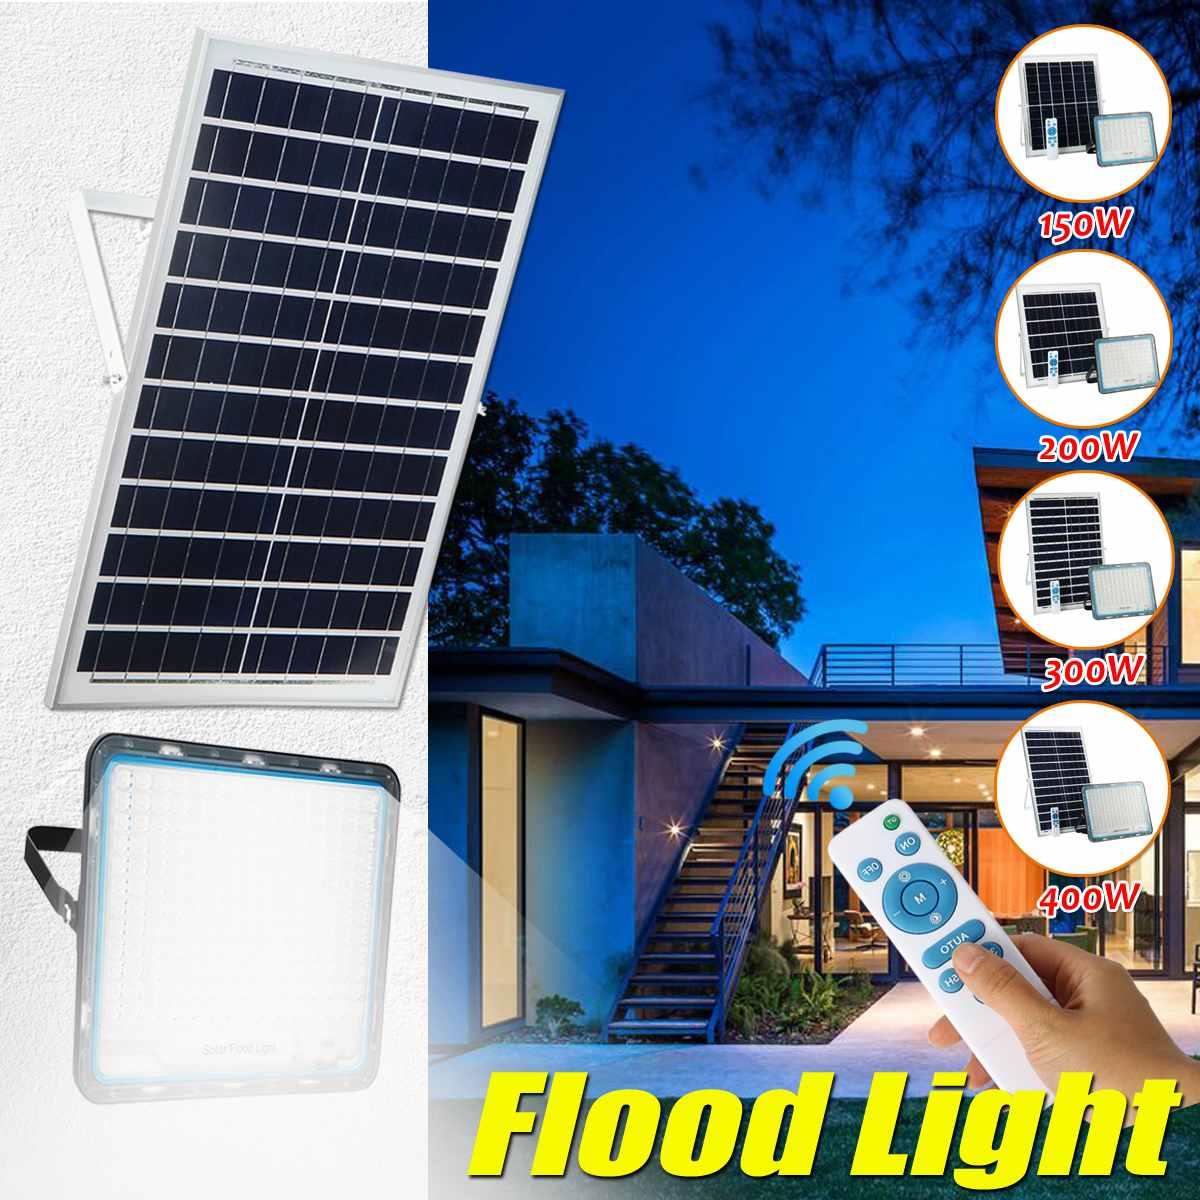 Многофункциональный солнечный светильник, наружный водонепроницаемый настенный светильник, светодиодные солнечные лампы, садовый светил